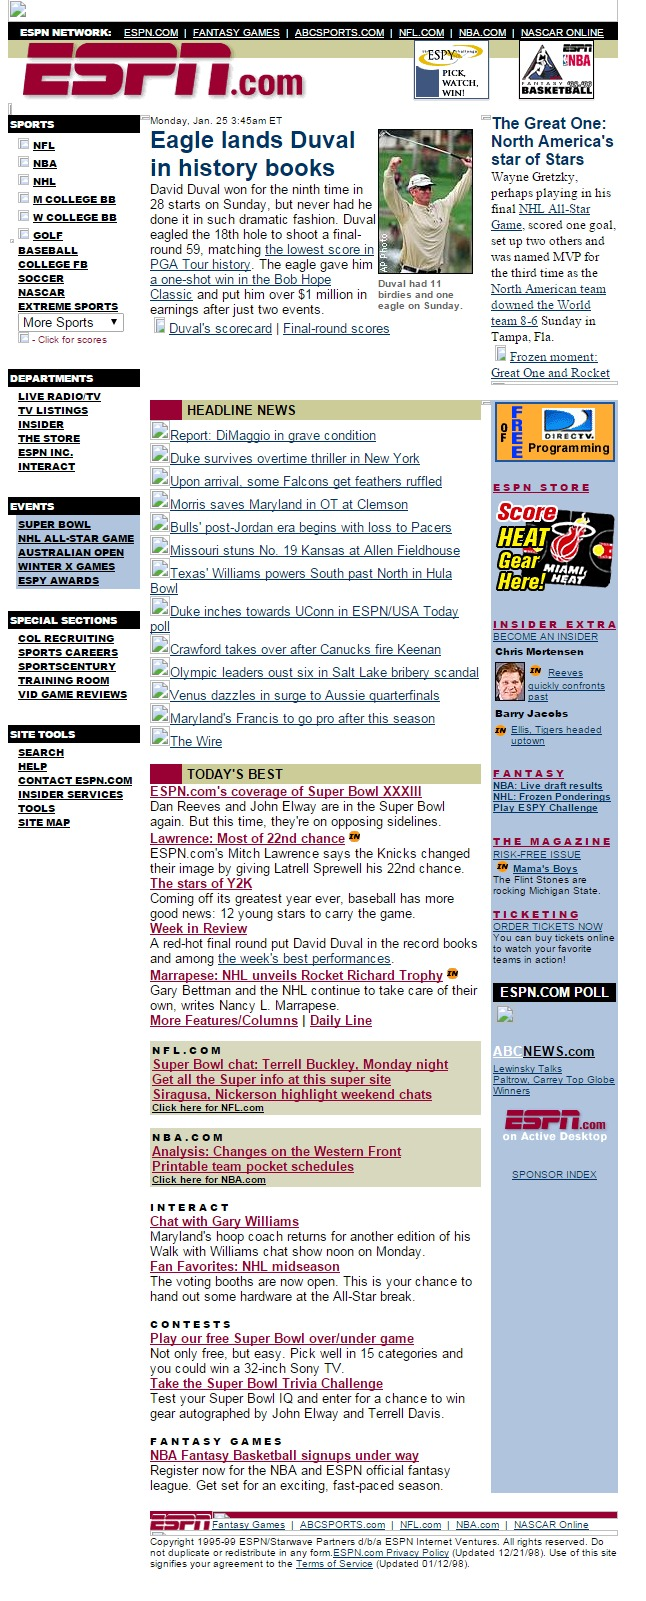 espn.go.com 1999